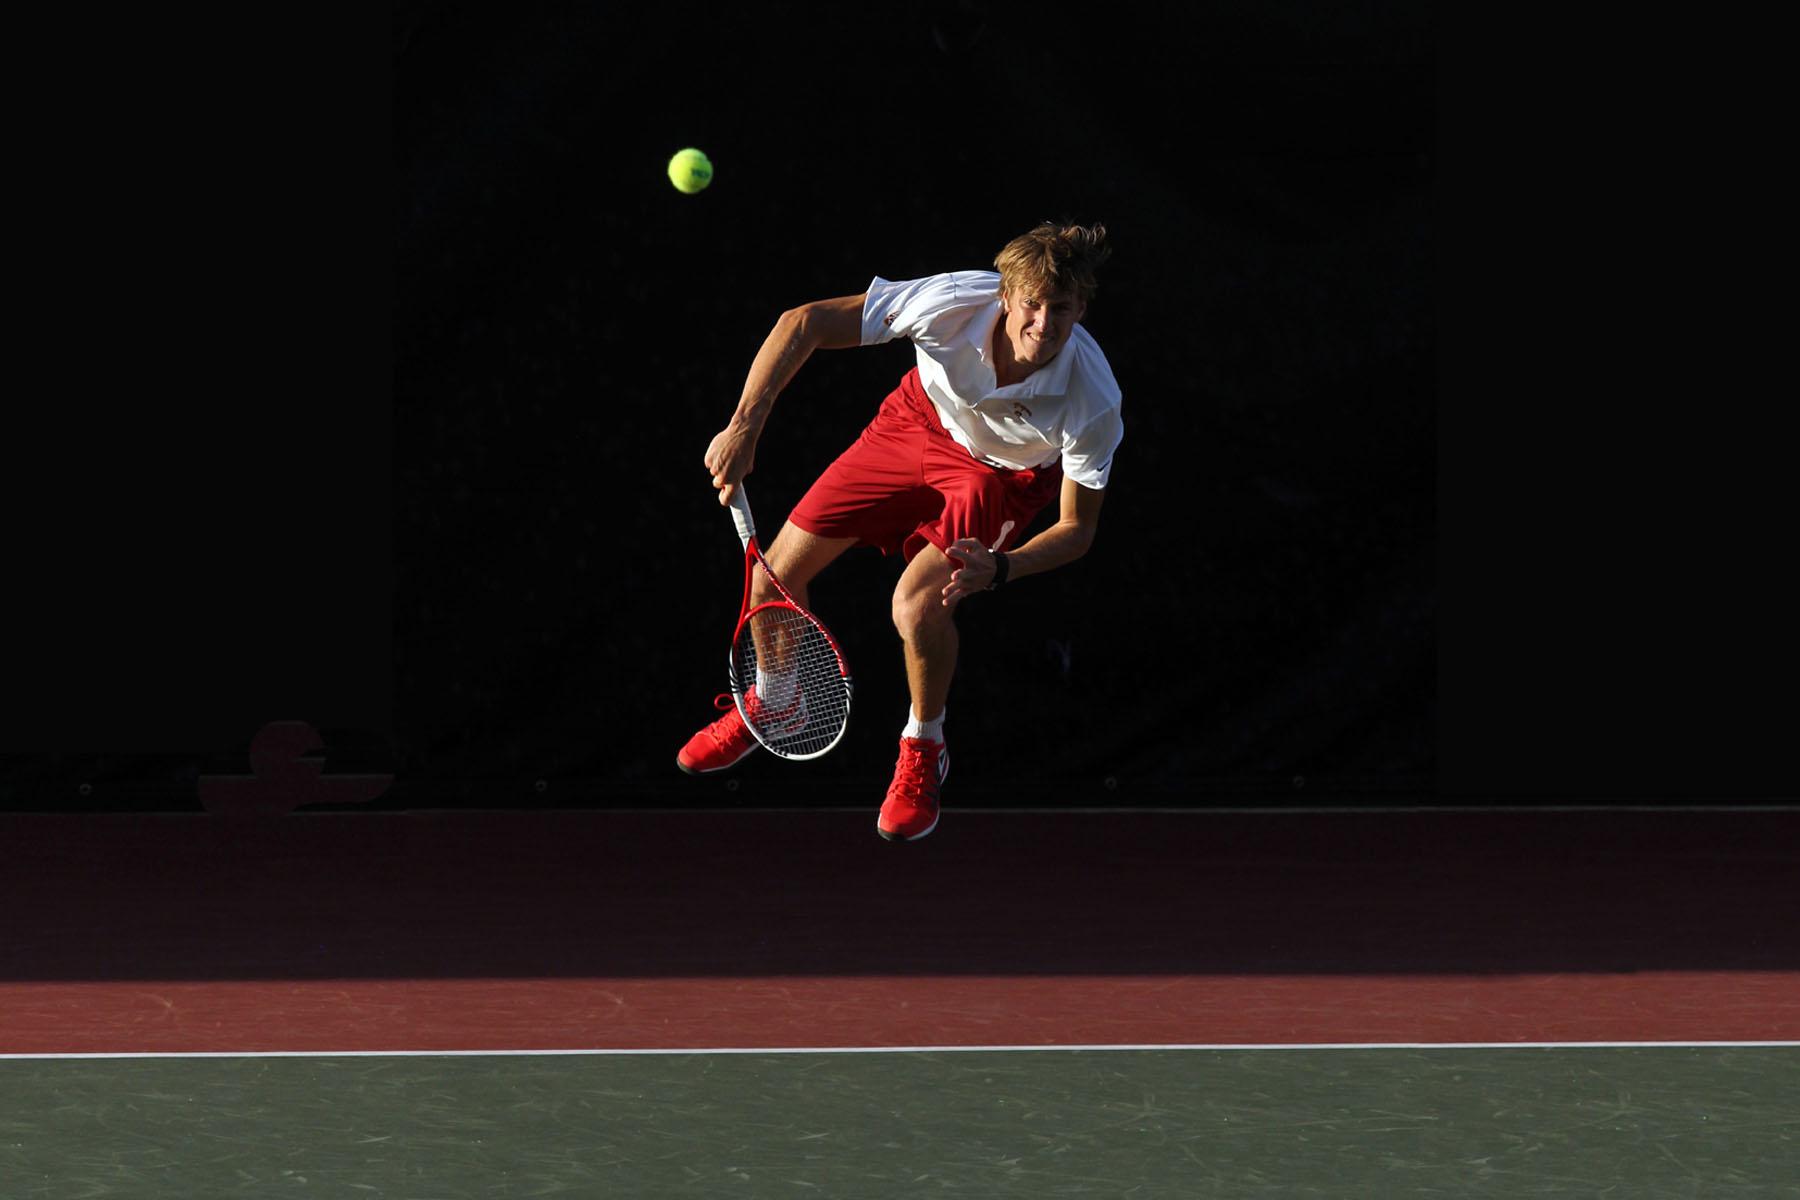 Men's tennis player Max de Vroome. (Photo/Bill Kallenberg)